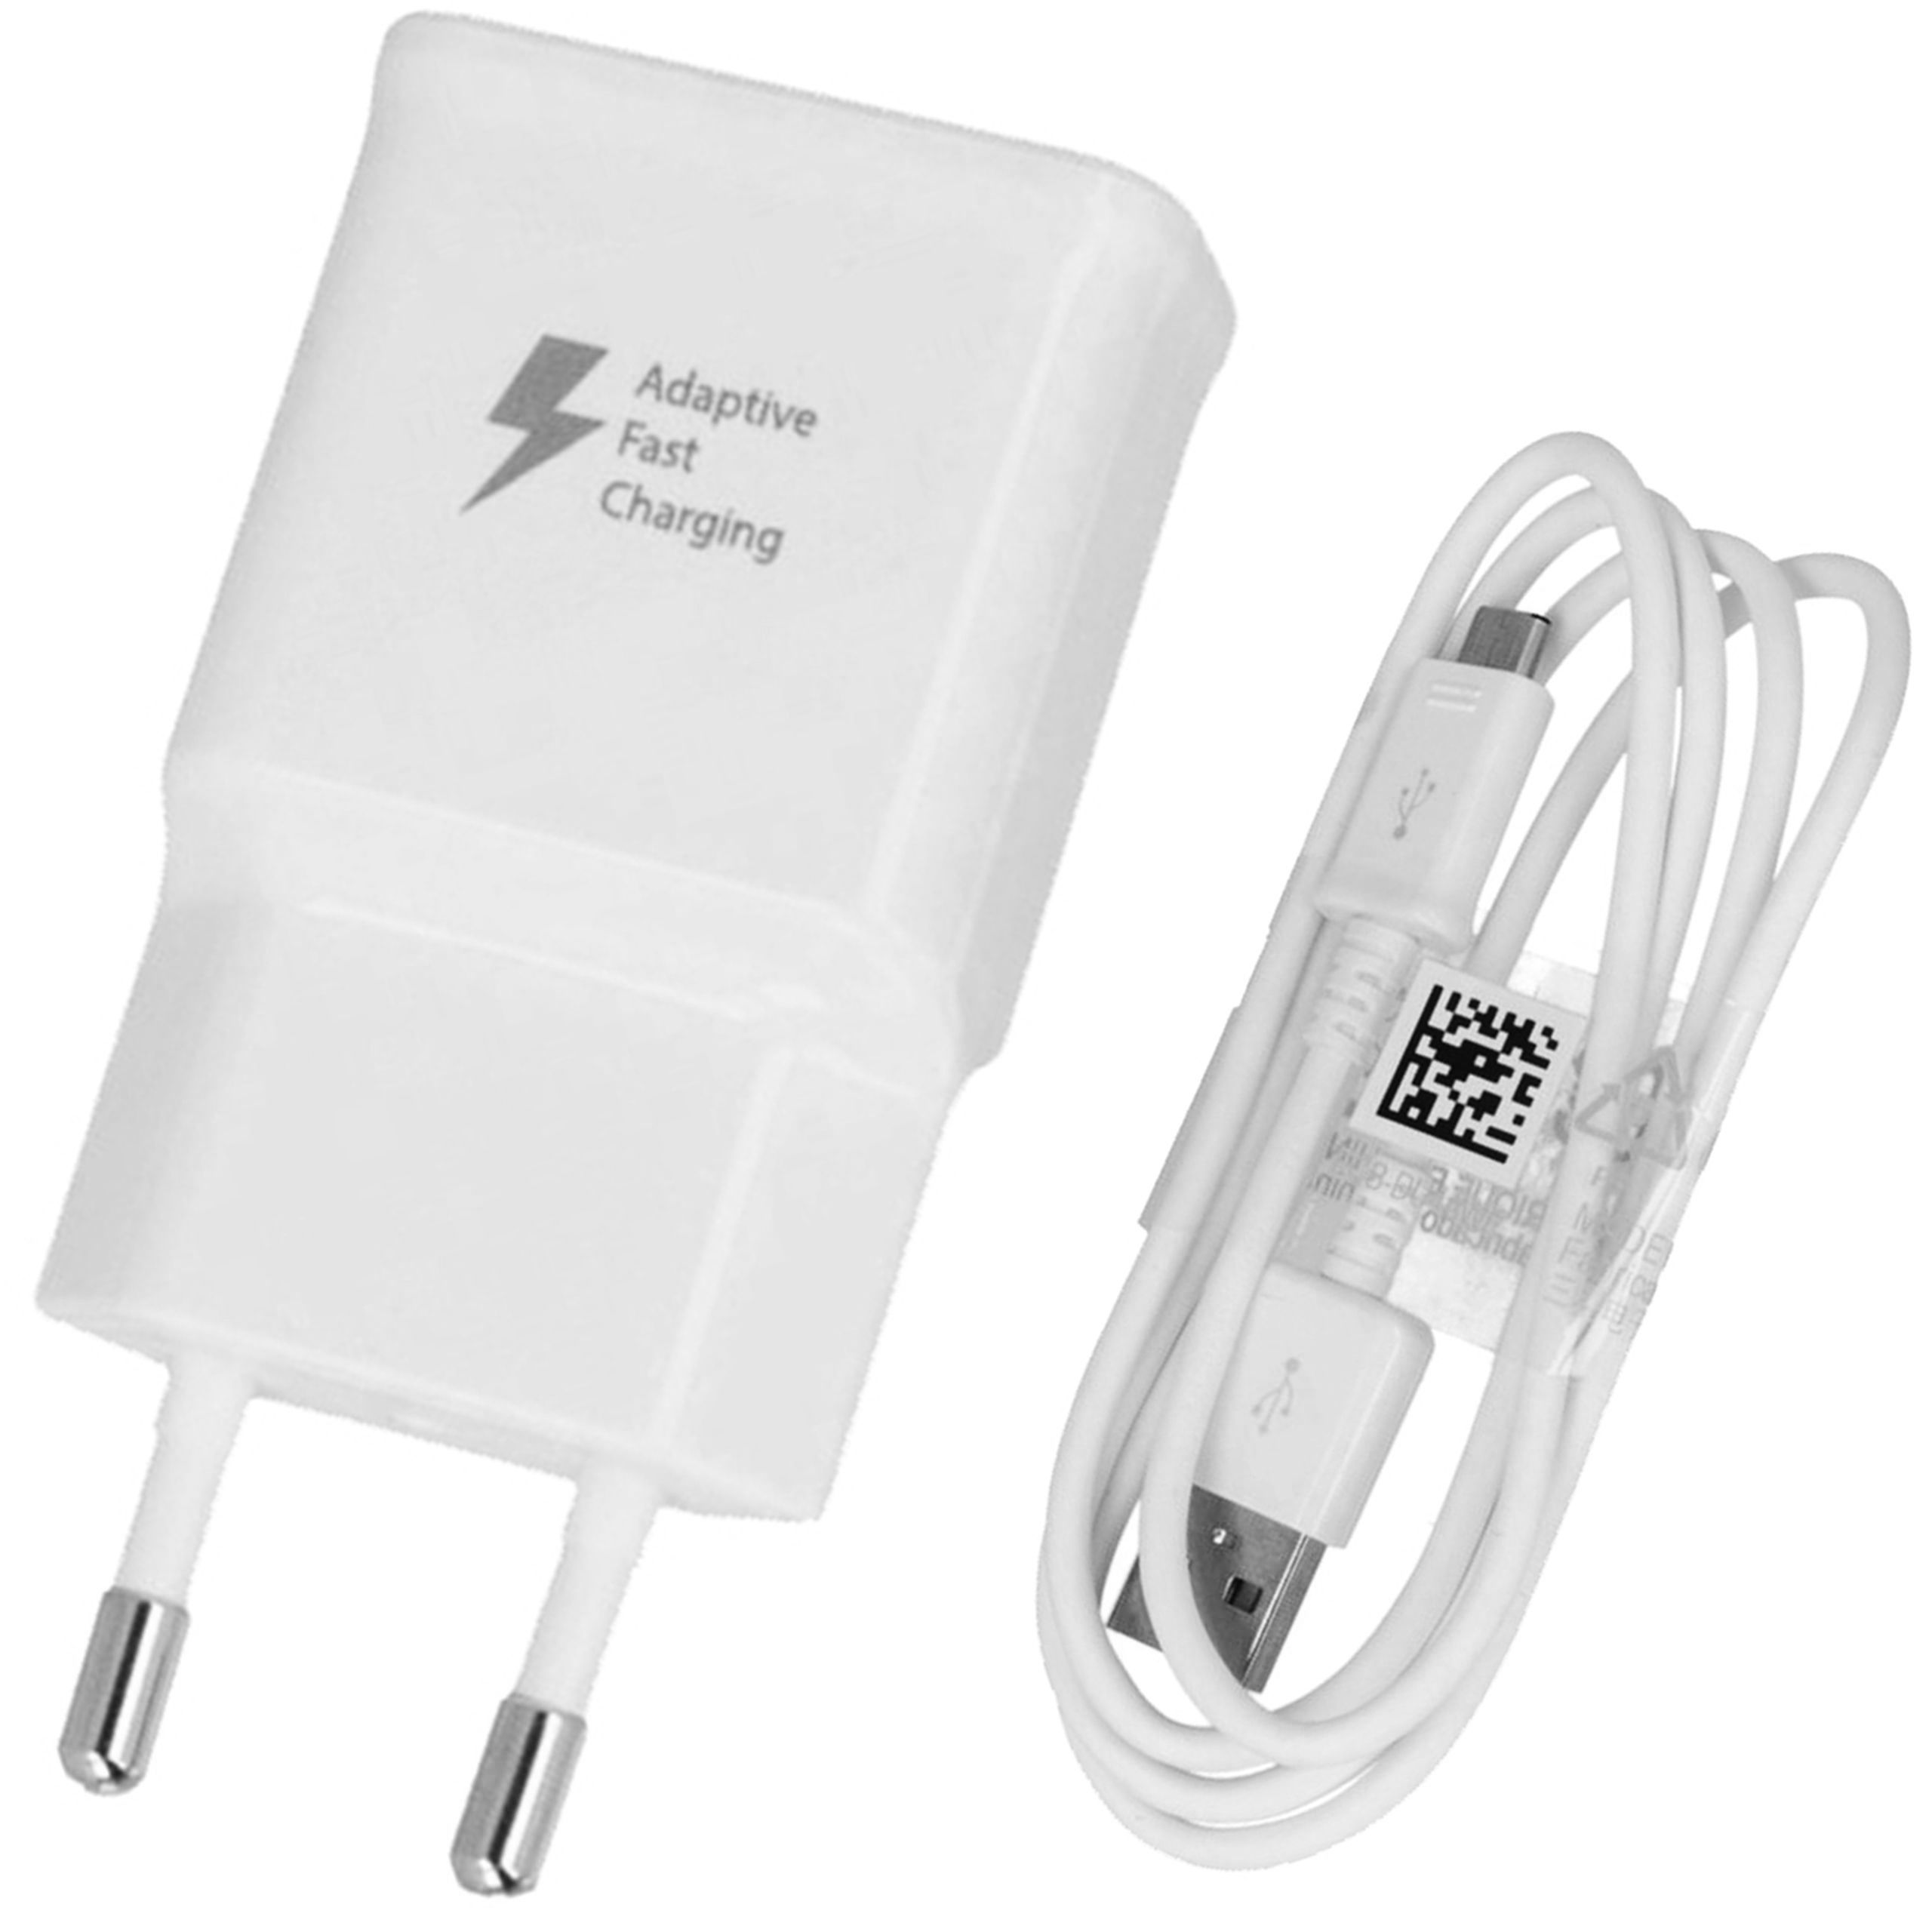 Szybka Oryginalna Ładowarka Samsung Fast Charging